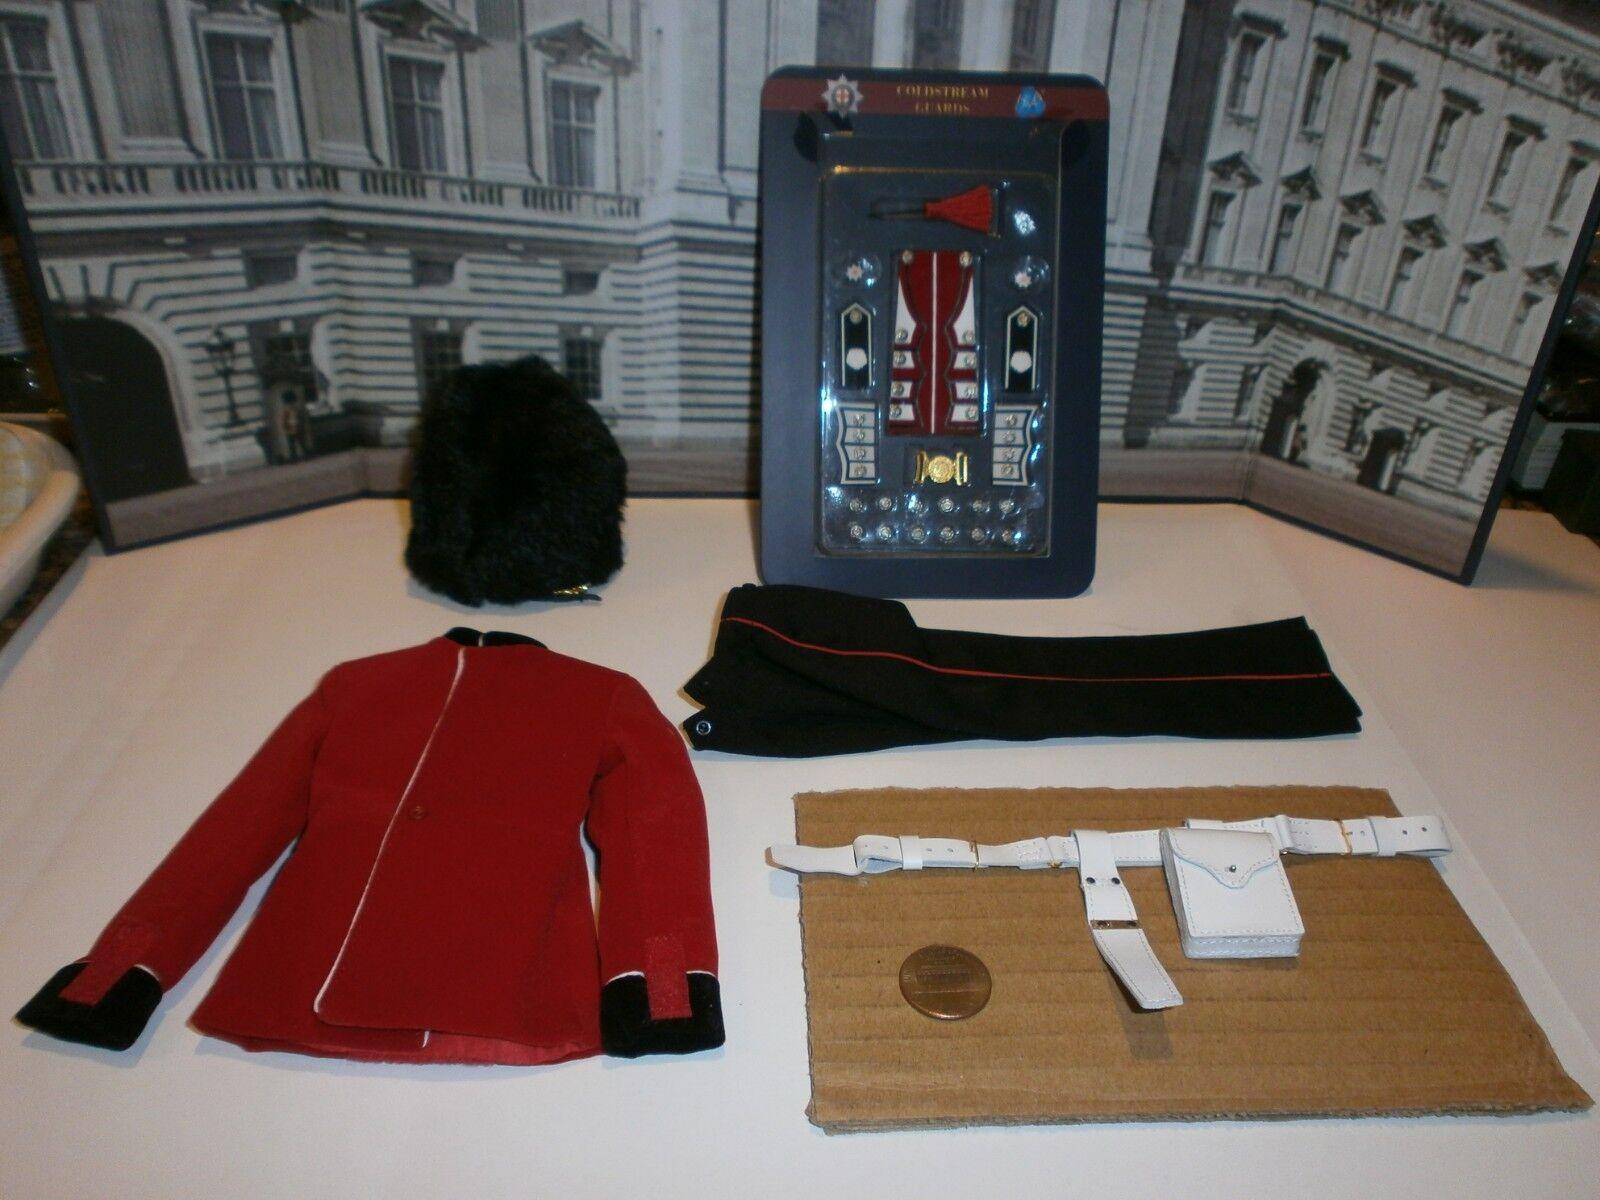 Satte vaktstyrkan Coldstream vaktens uniform 1  6th skala leksaksaccessoar